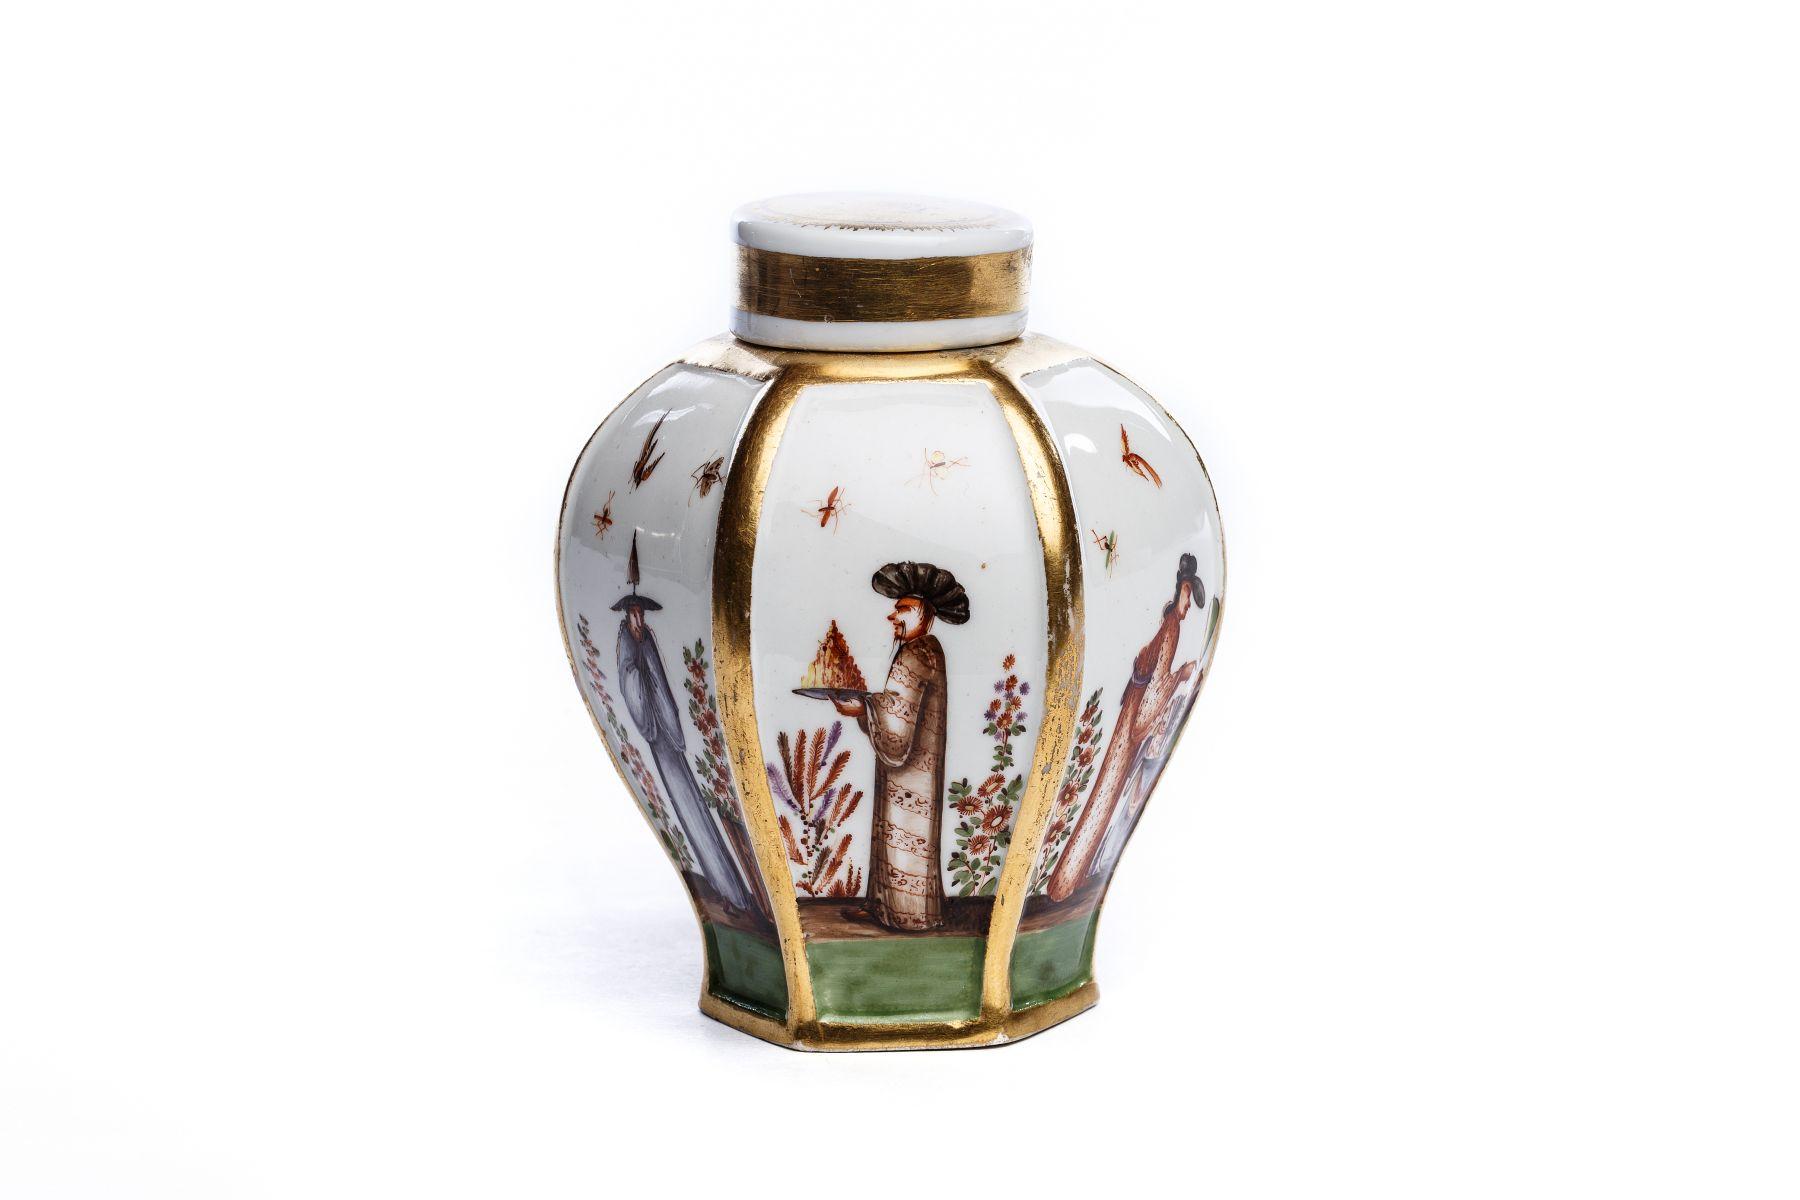 #53 Tea tin with chinoiserie, Meissen 1725/28 | Teedose mit Chinoiserie Szenen, Meissen 1725/28 Image